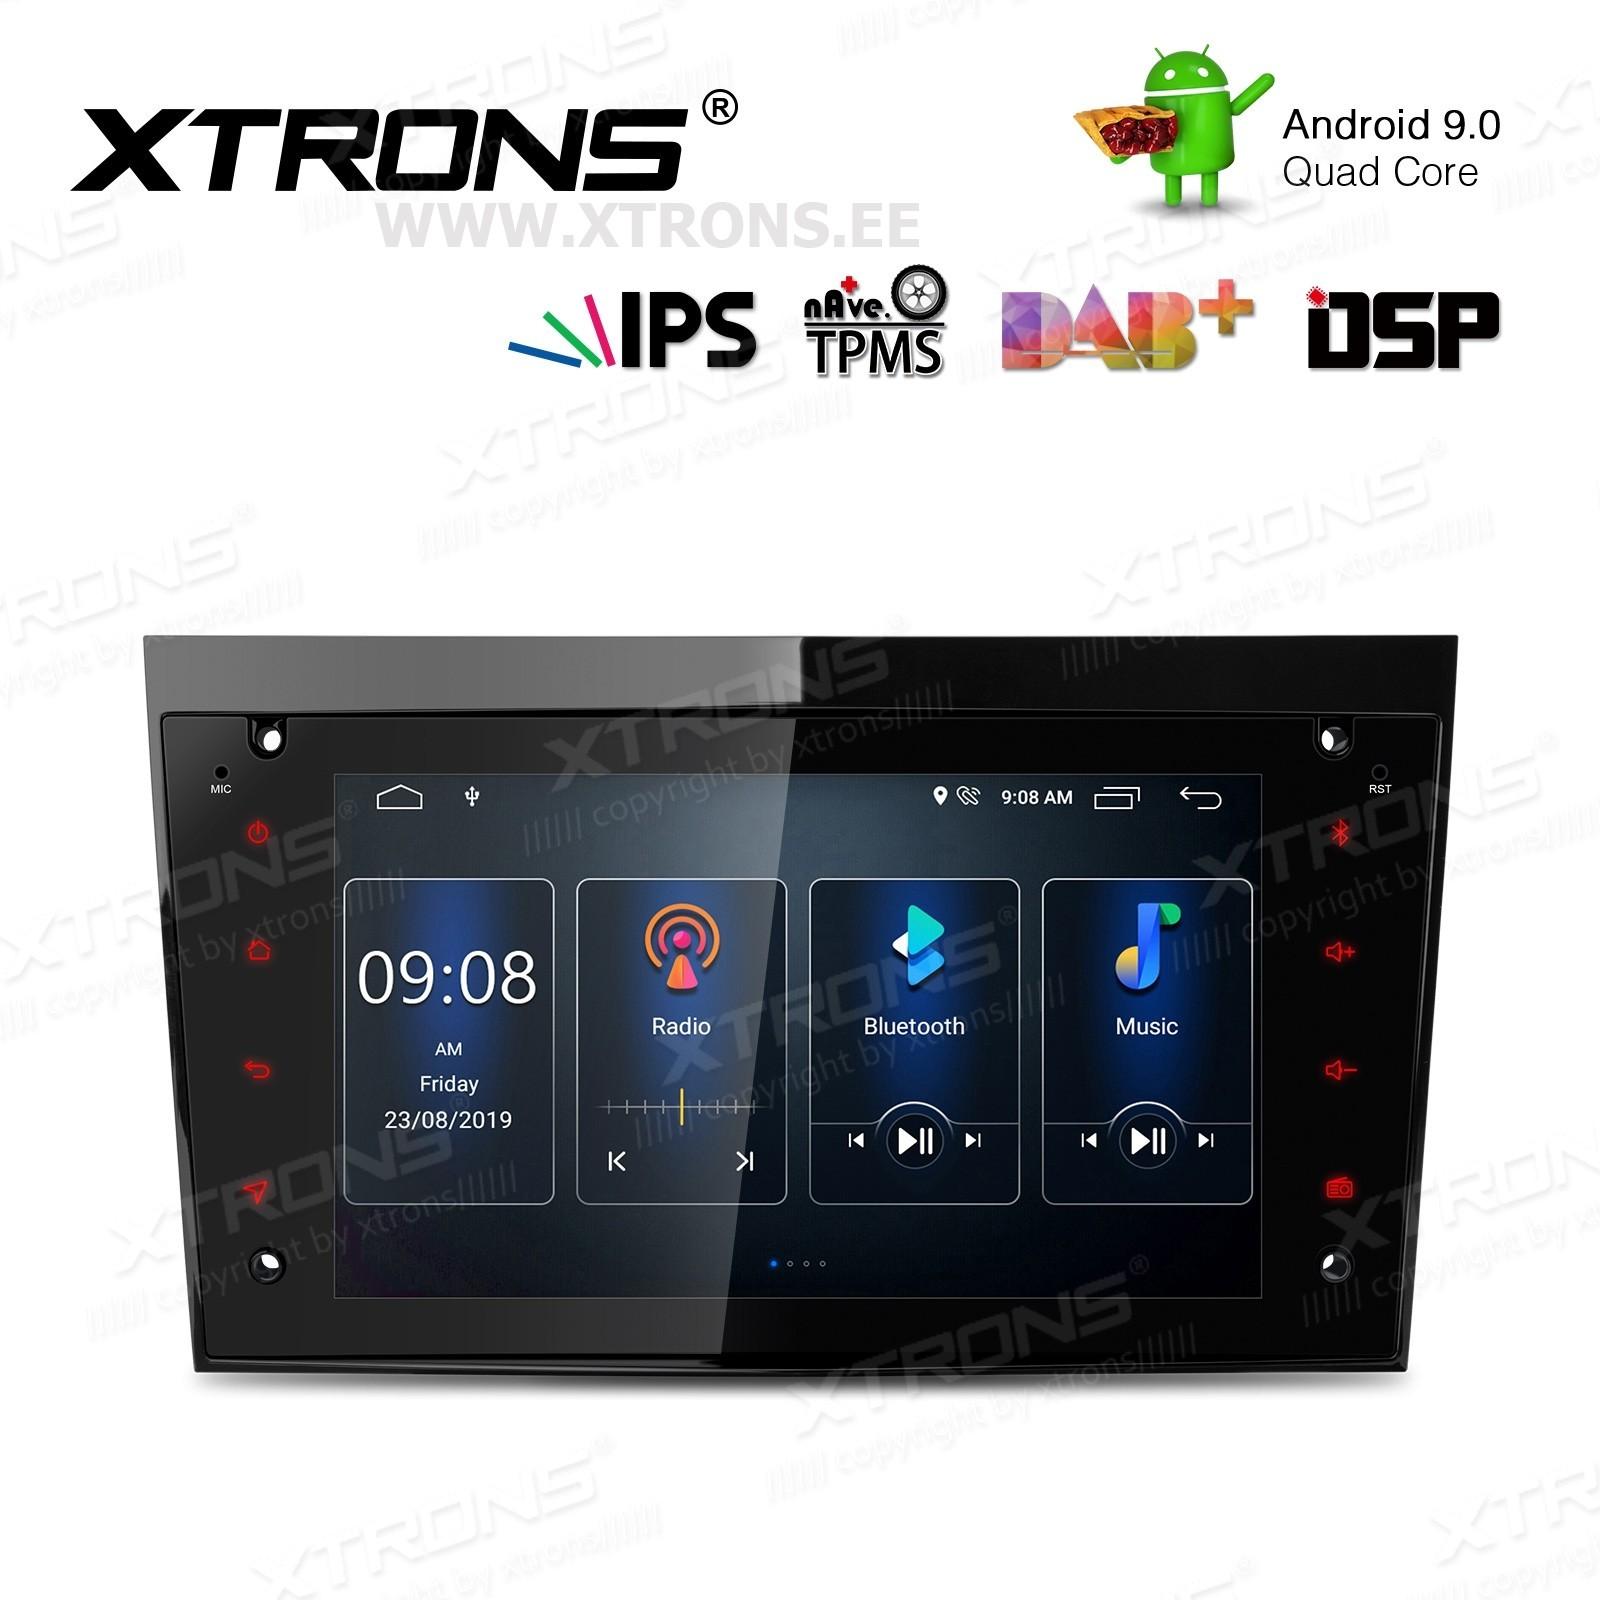 XTRONS PSD79OLOL